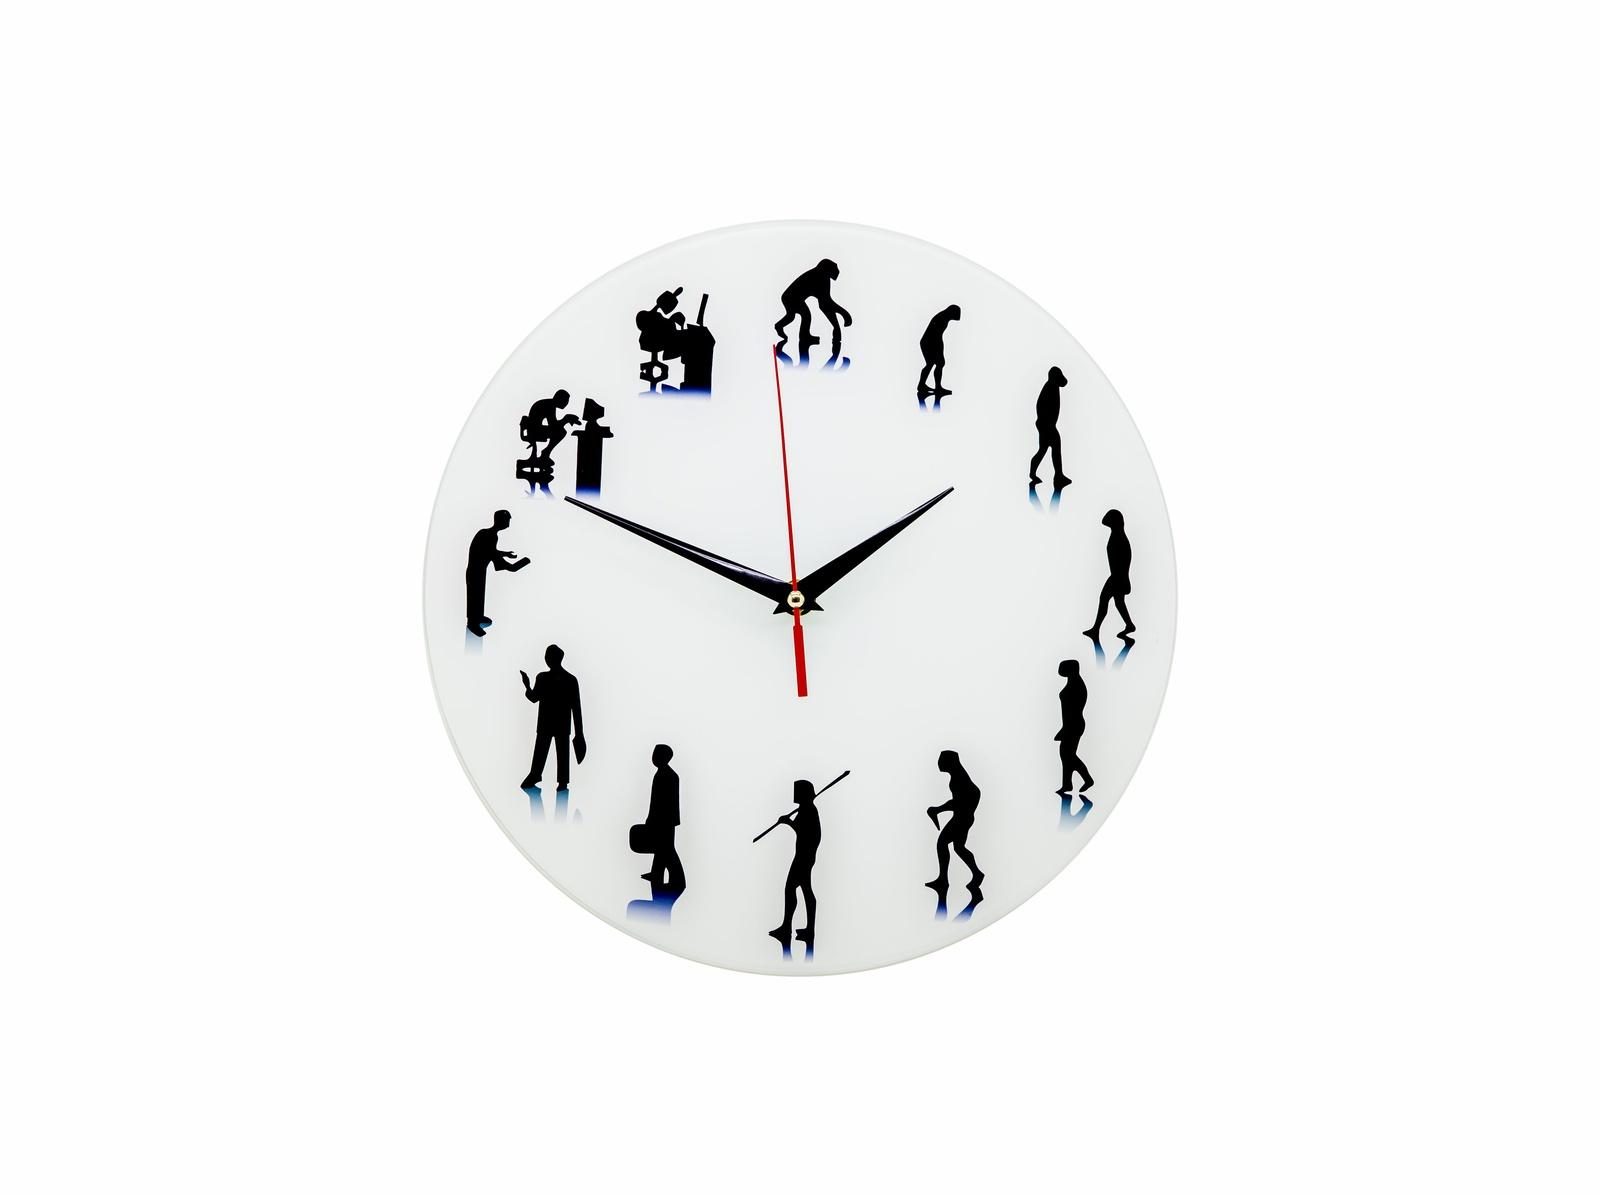 часы с позами любви картинки прикольные здесь принято собираться